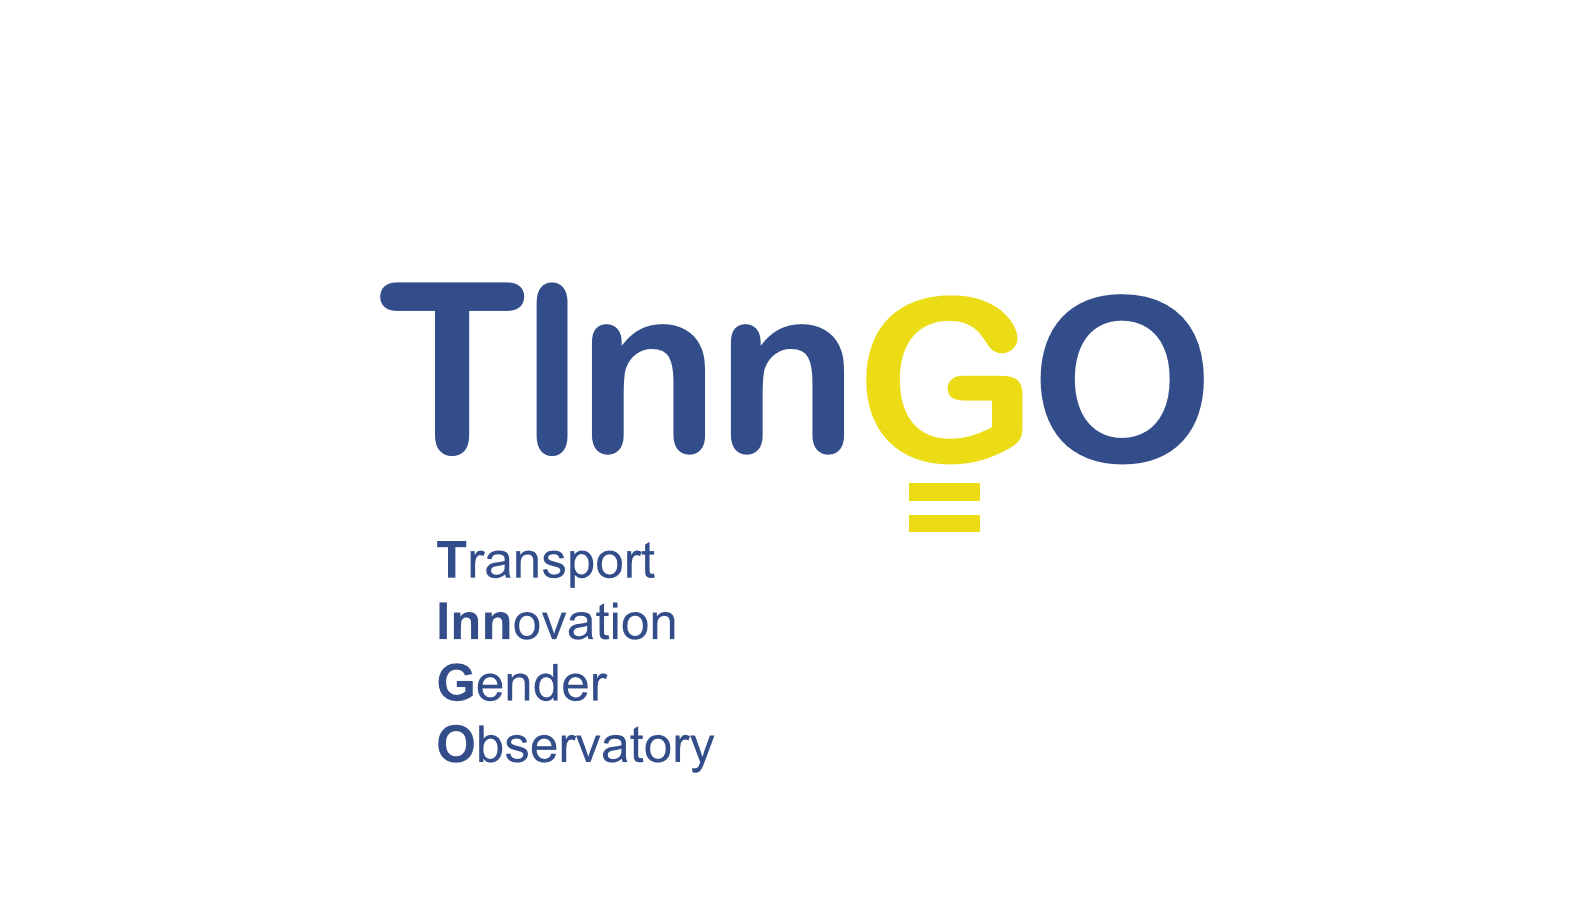 TINNGO_png.png